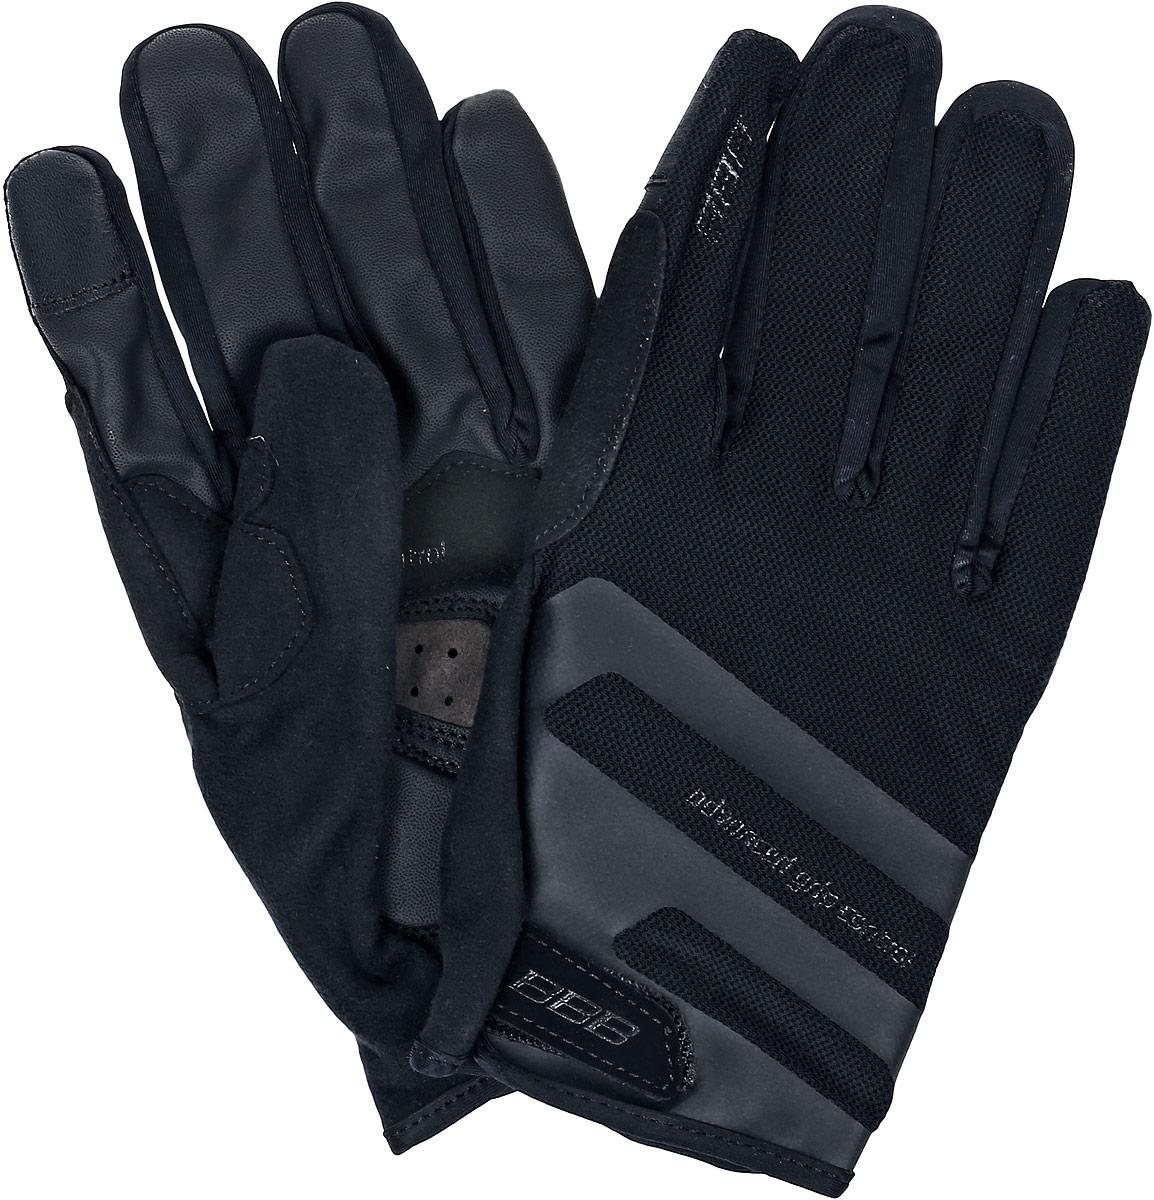 Перчатки велосипедные BBB AirZone, цвет: черный. Размер XLBBW-50Когда трейлы накаляются от зноя, перчатки Airzone - ваш лучший выбор. Эти перчатки с длинными пальцами снабжены тыльной стороной из сетчатого материала и вентилируемой ладонью с полиуретановыми вставками для крепкого хвата. Гелевые вставки предупреждают усталость и защищают при падениях. Большой и указательный пальцы дополнительно защищены материалом Clarino. Сетчатая структура верхней части обеспечивает хорошую вентиляцию. Такие перчатки идеальны при эксплуатации в условиях высоких температур. Тыльная сторона из сетчатого материала Airmesh. Перфорированная ладонь с вставками из полиуретана для надёжного хвата. Манжета анатомического кроя дополнена застёжкой-липучкой. Состав: 28% полиамид, 24% полиуретан, 21% полиэстер, 15% эластан, 12% полиэтилен.